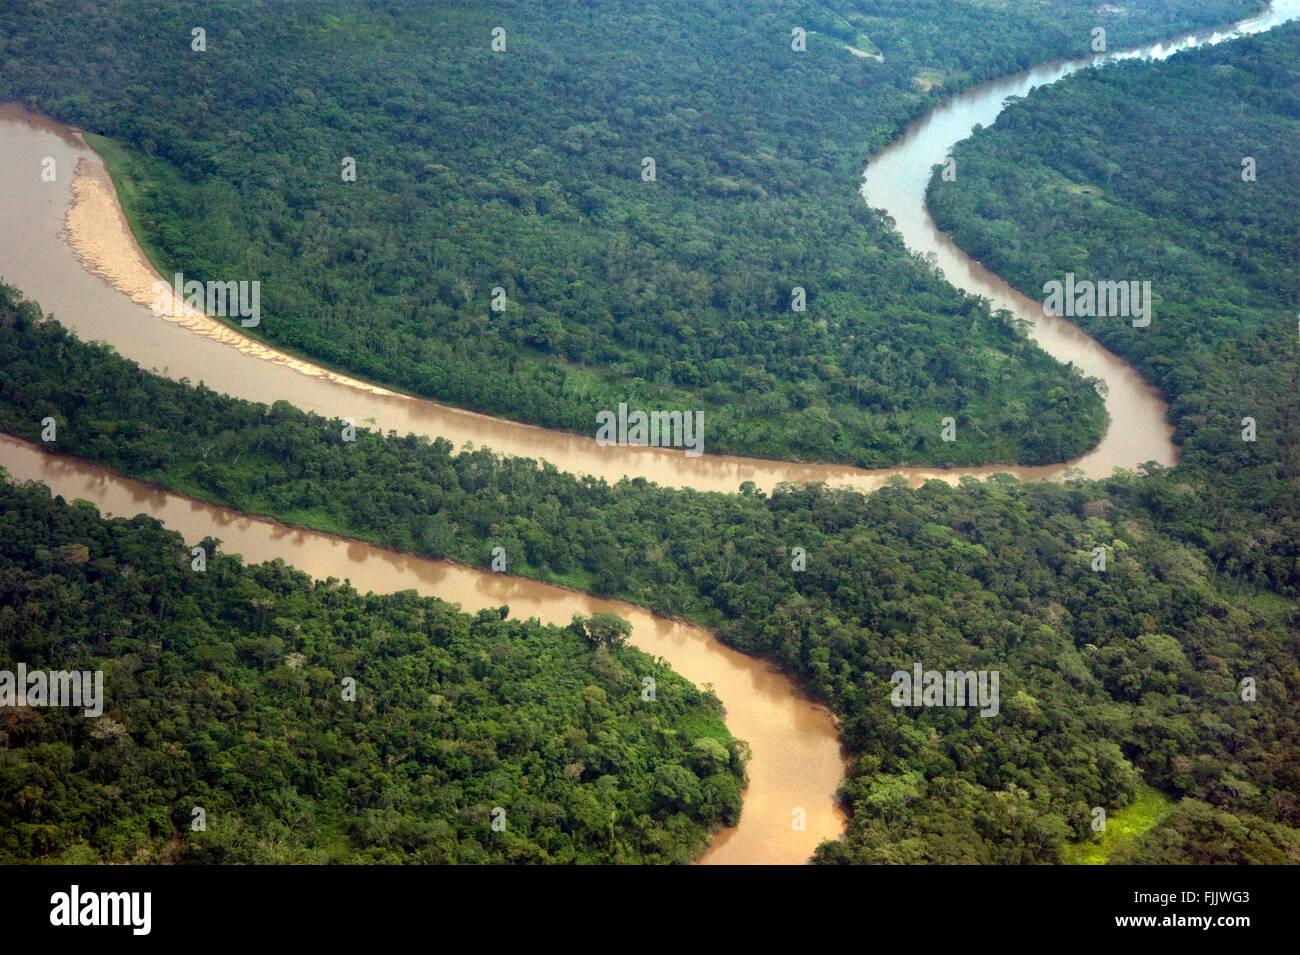 Vue aérienne de la rivière Amazone en Equateur Photo Stock